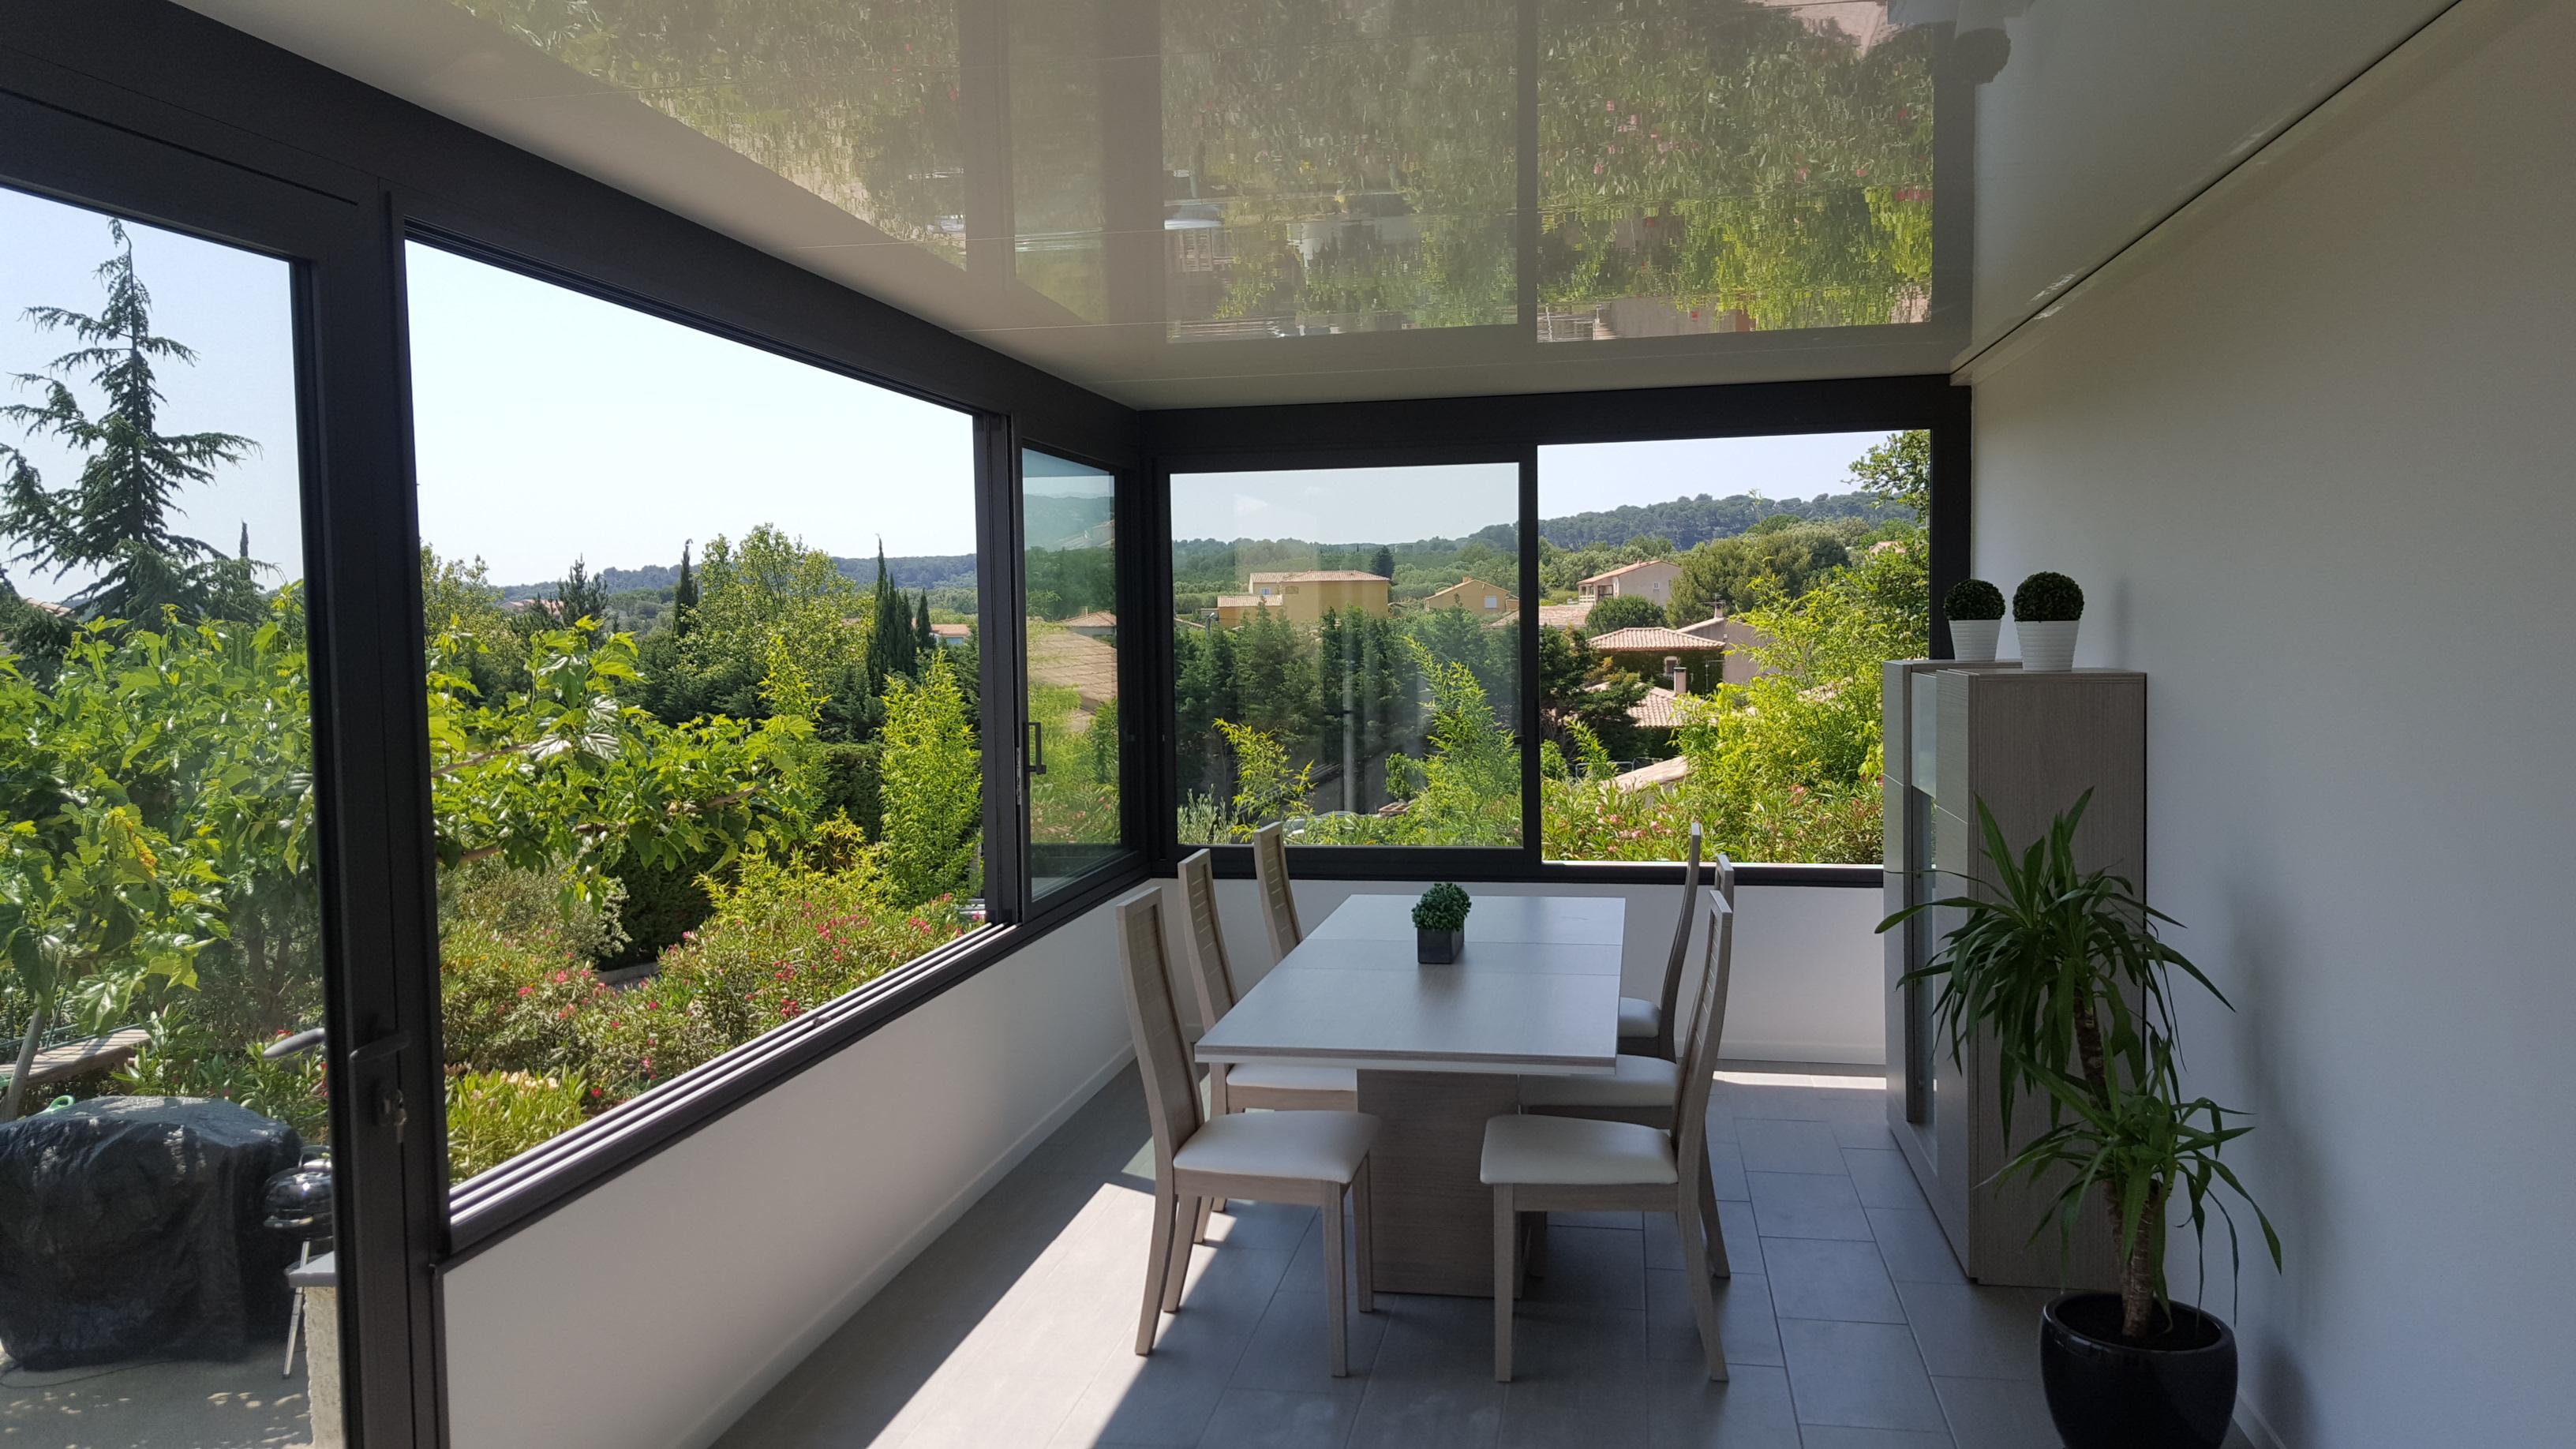 Véranda Technal à toiture plate Nimes (30) Beaucaire Alès